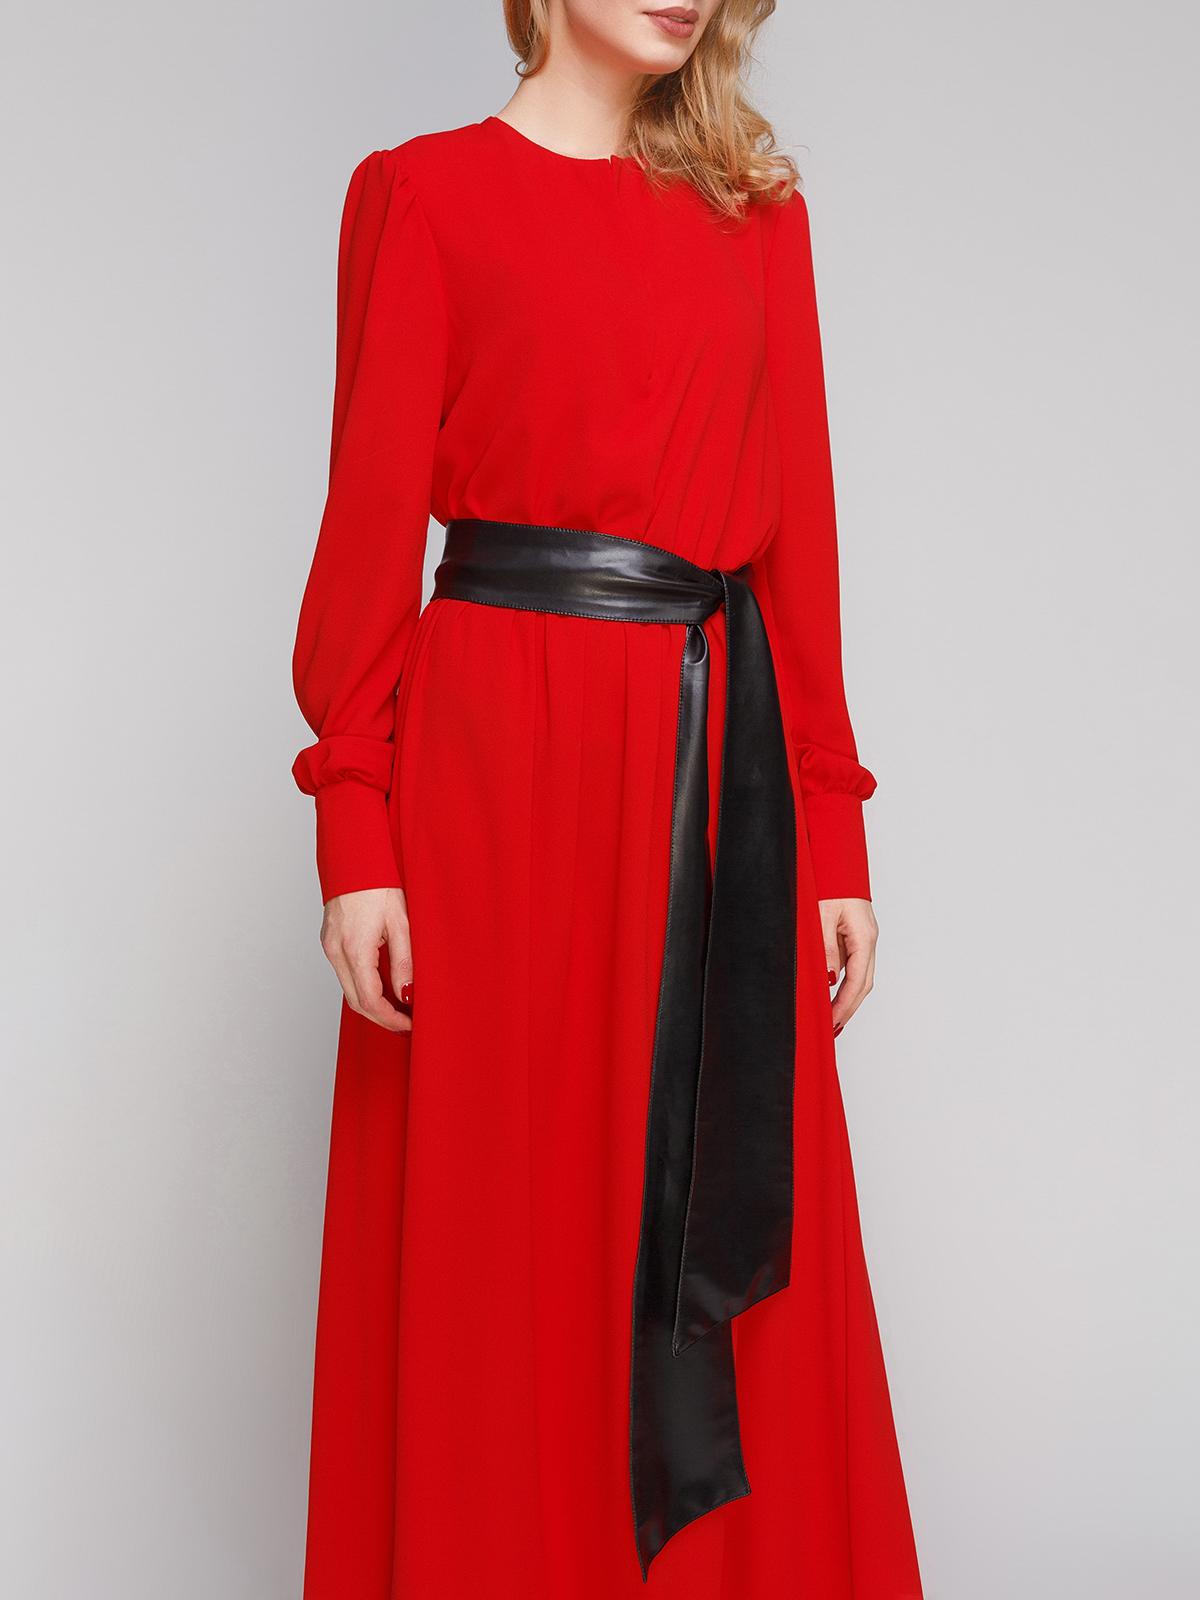 Платье женские Anna Yakovenko модель 2870 отзывы, 2017